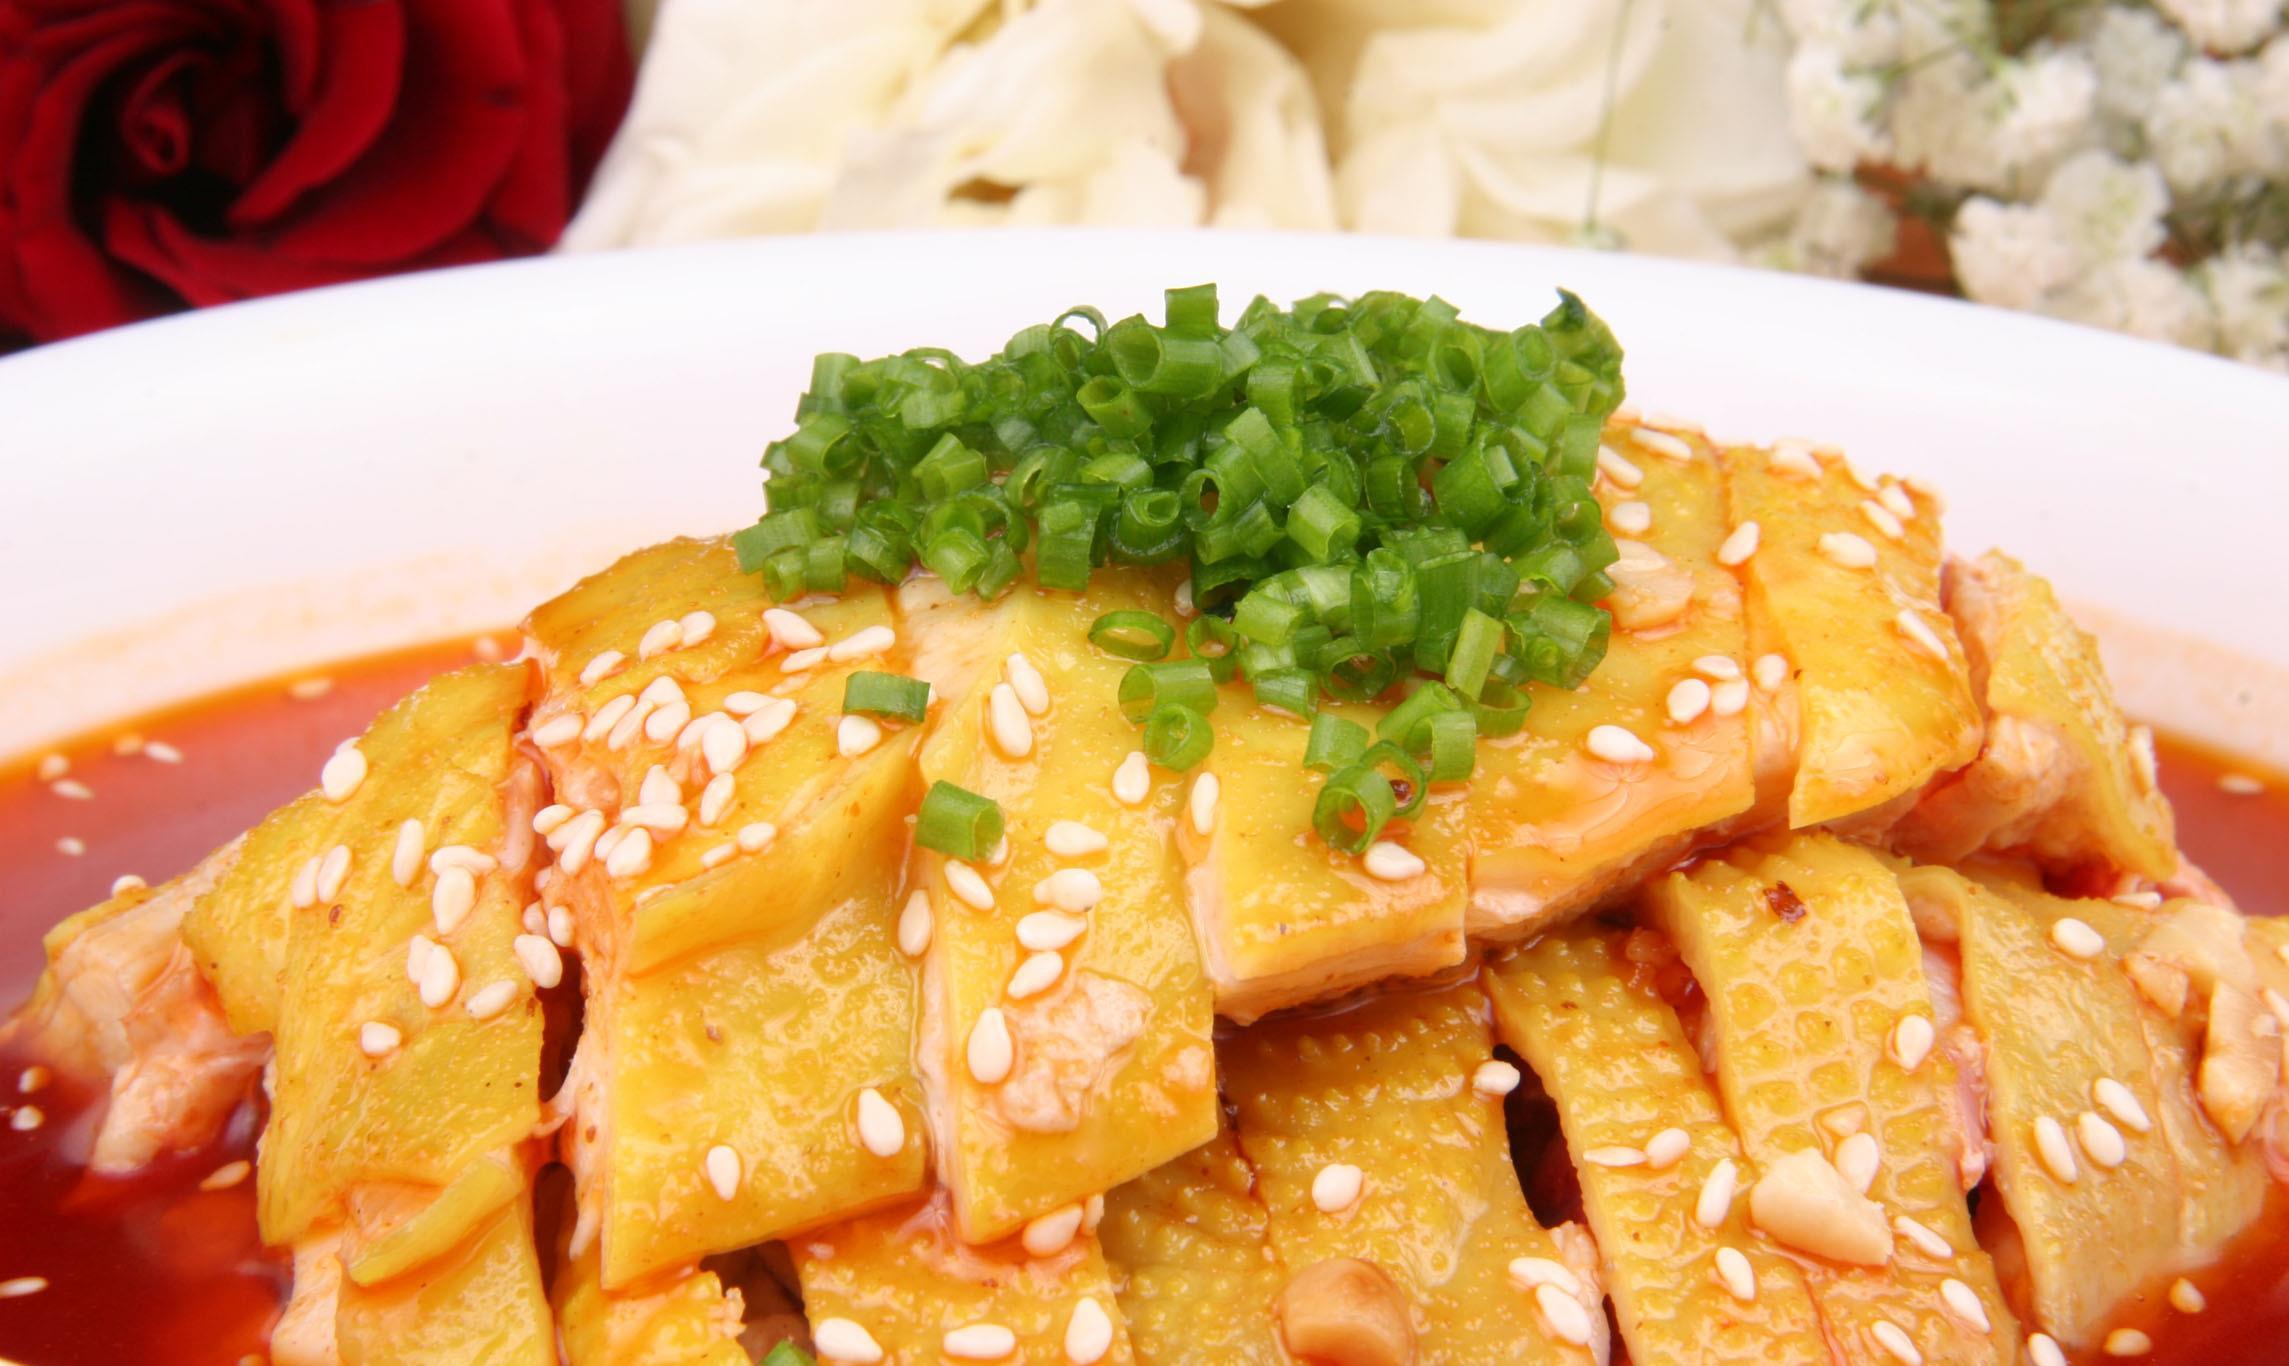 中餐厅林大厨教王一博做口水鸡,照样子学做味道太正宗了,超好吃